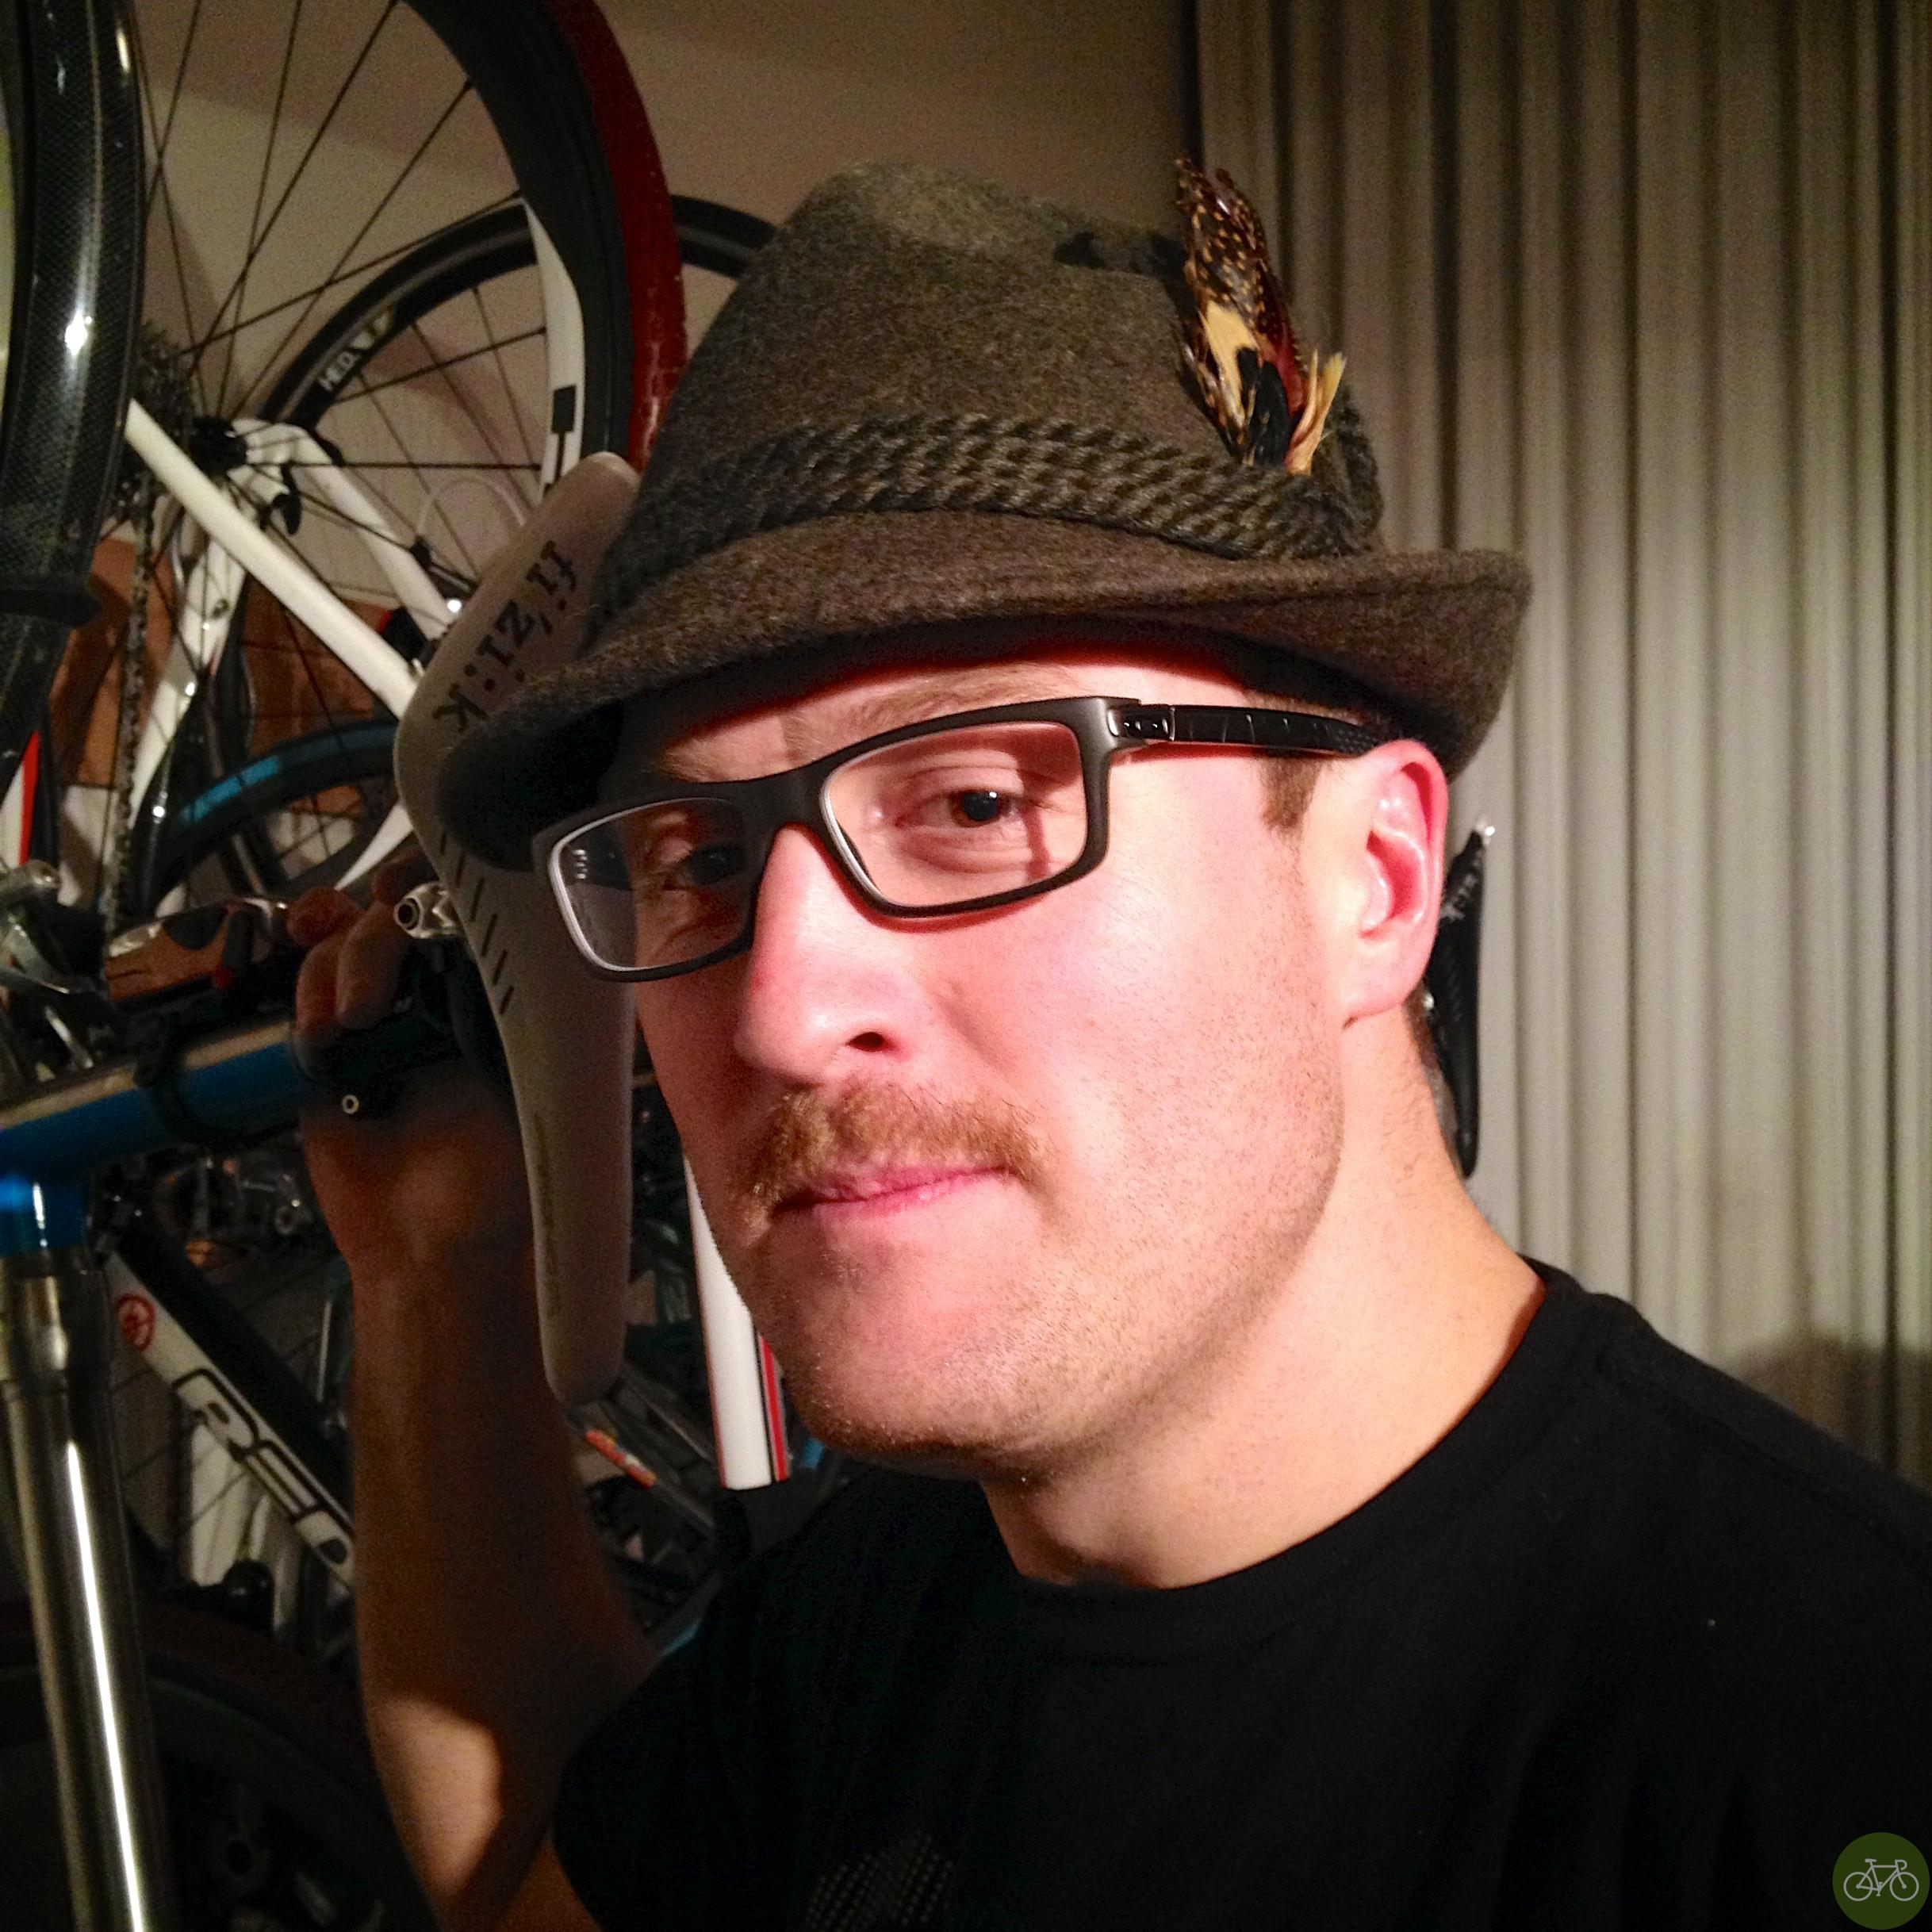 Blake's Hat